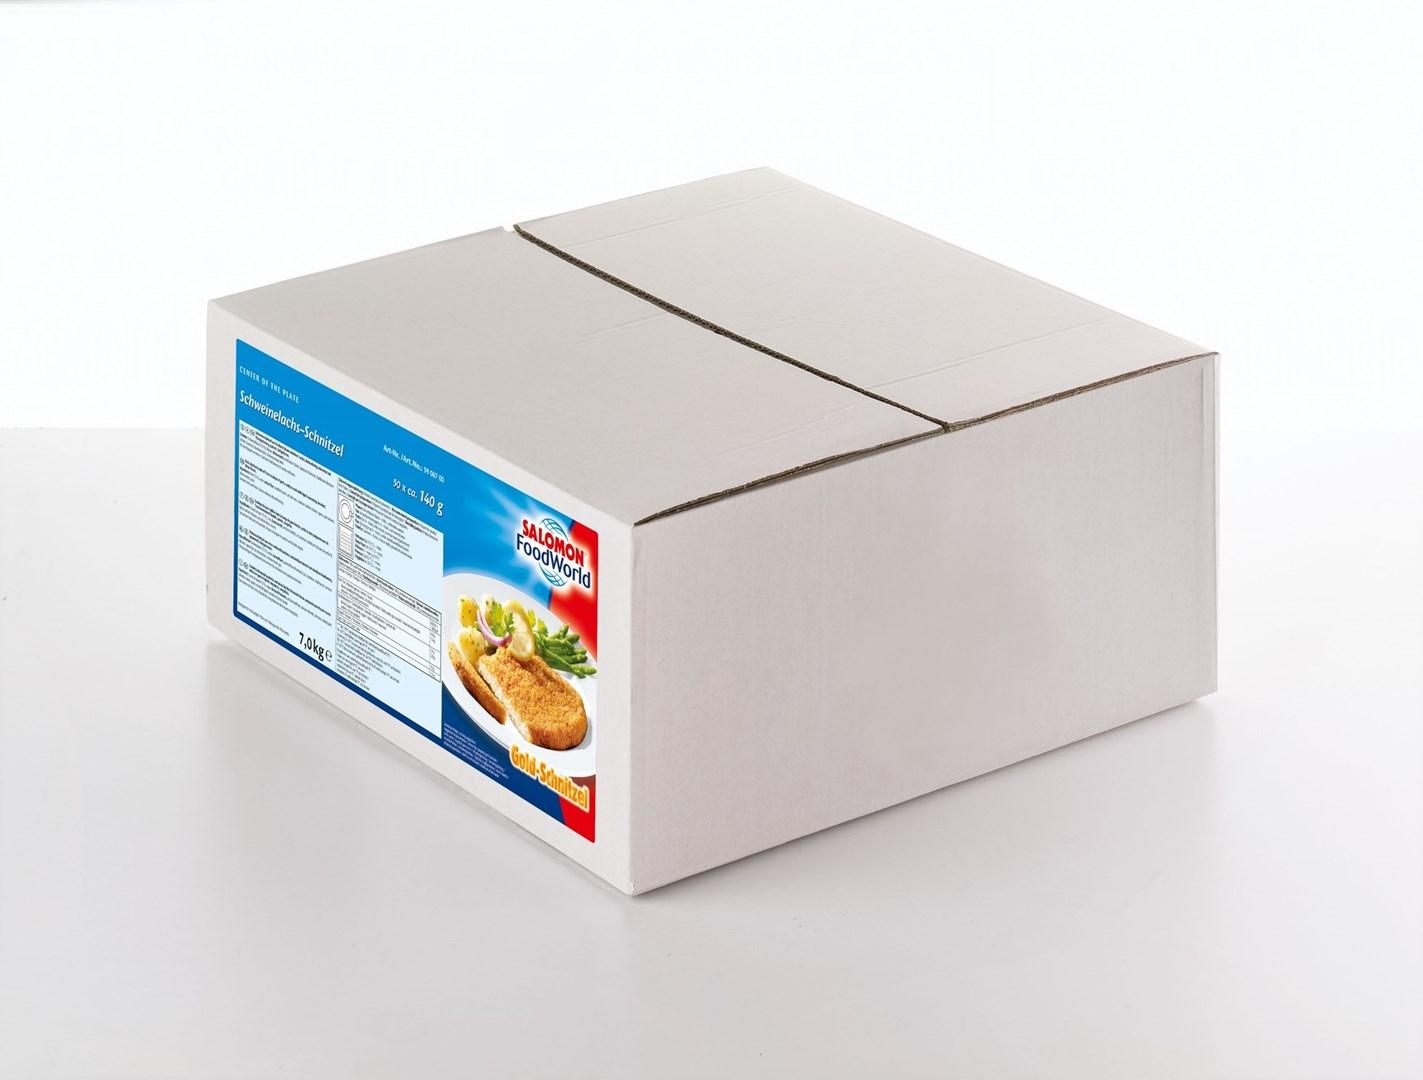 Productafbeelding MS Varkensfilet Schnitzel 140 g